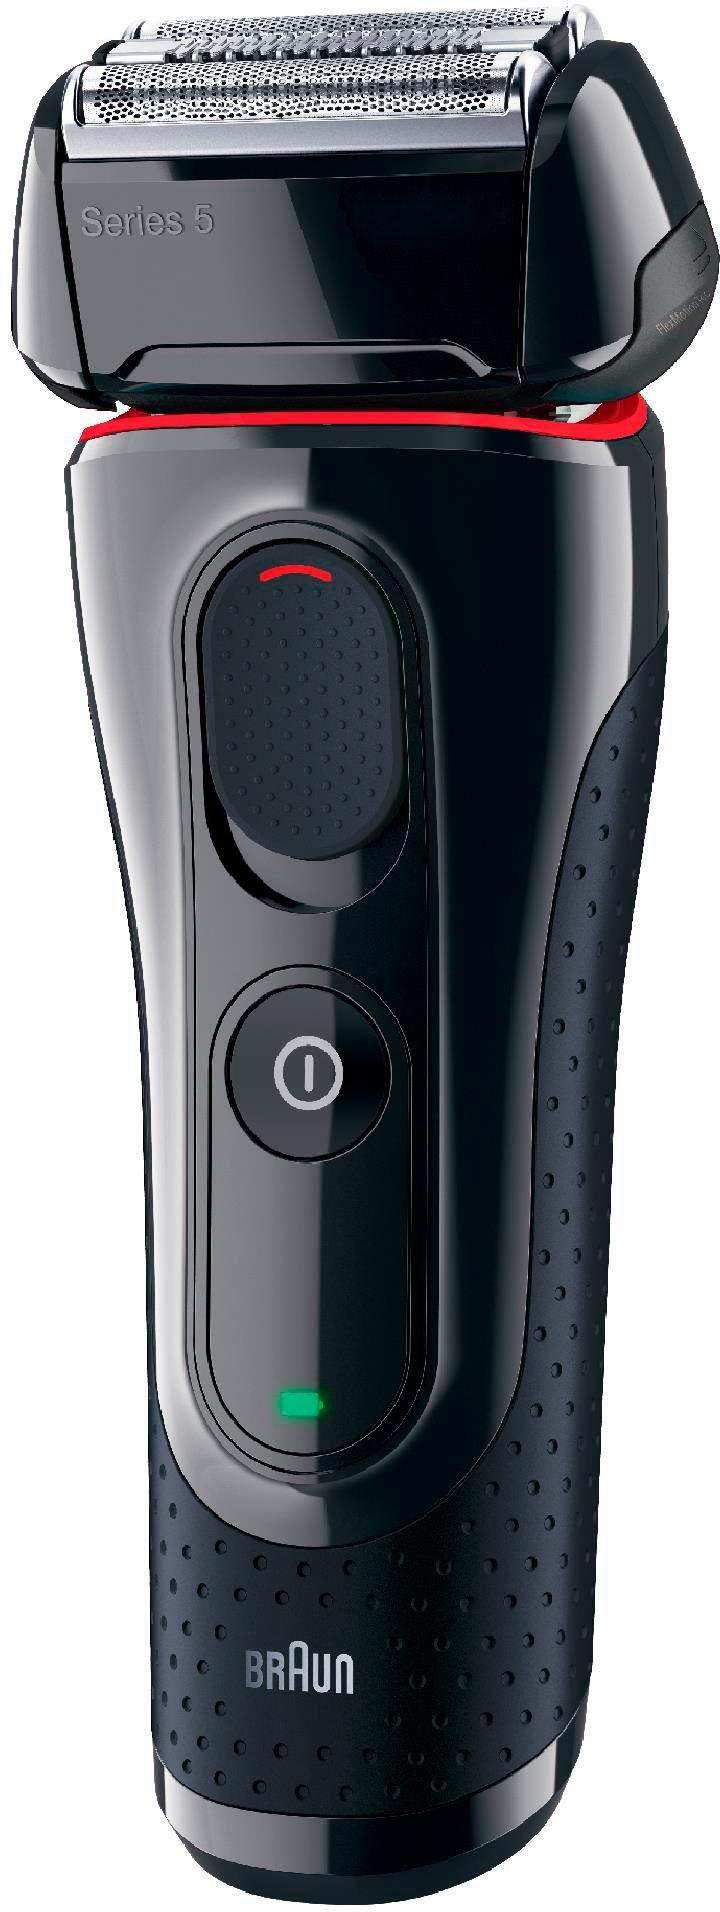 Braun Elektrorasierer Series 5 5030s